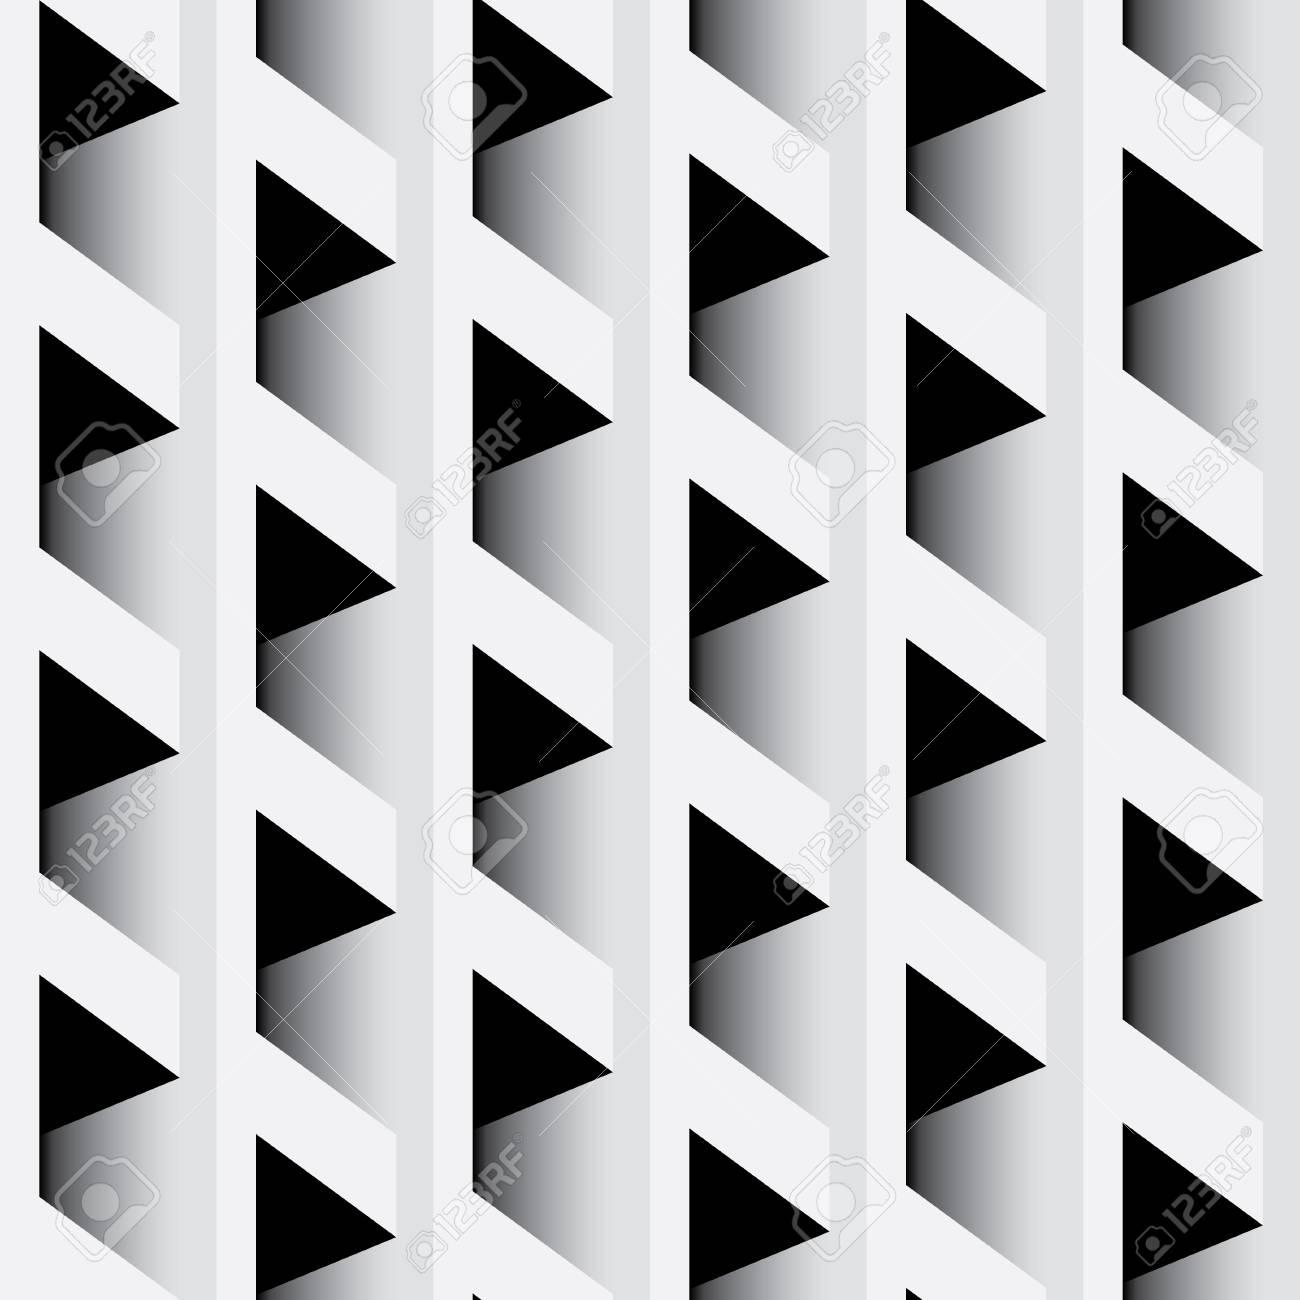 Patrón De Paneles Abstracto. Textura Con Estilo Moderno. Negro Y ...